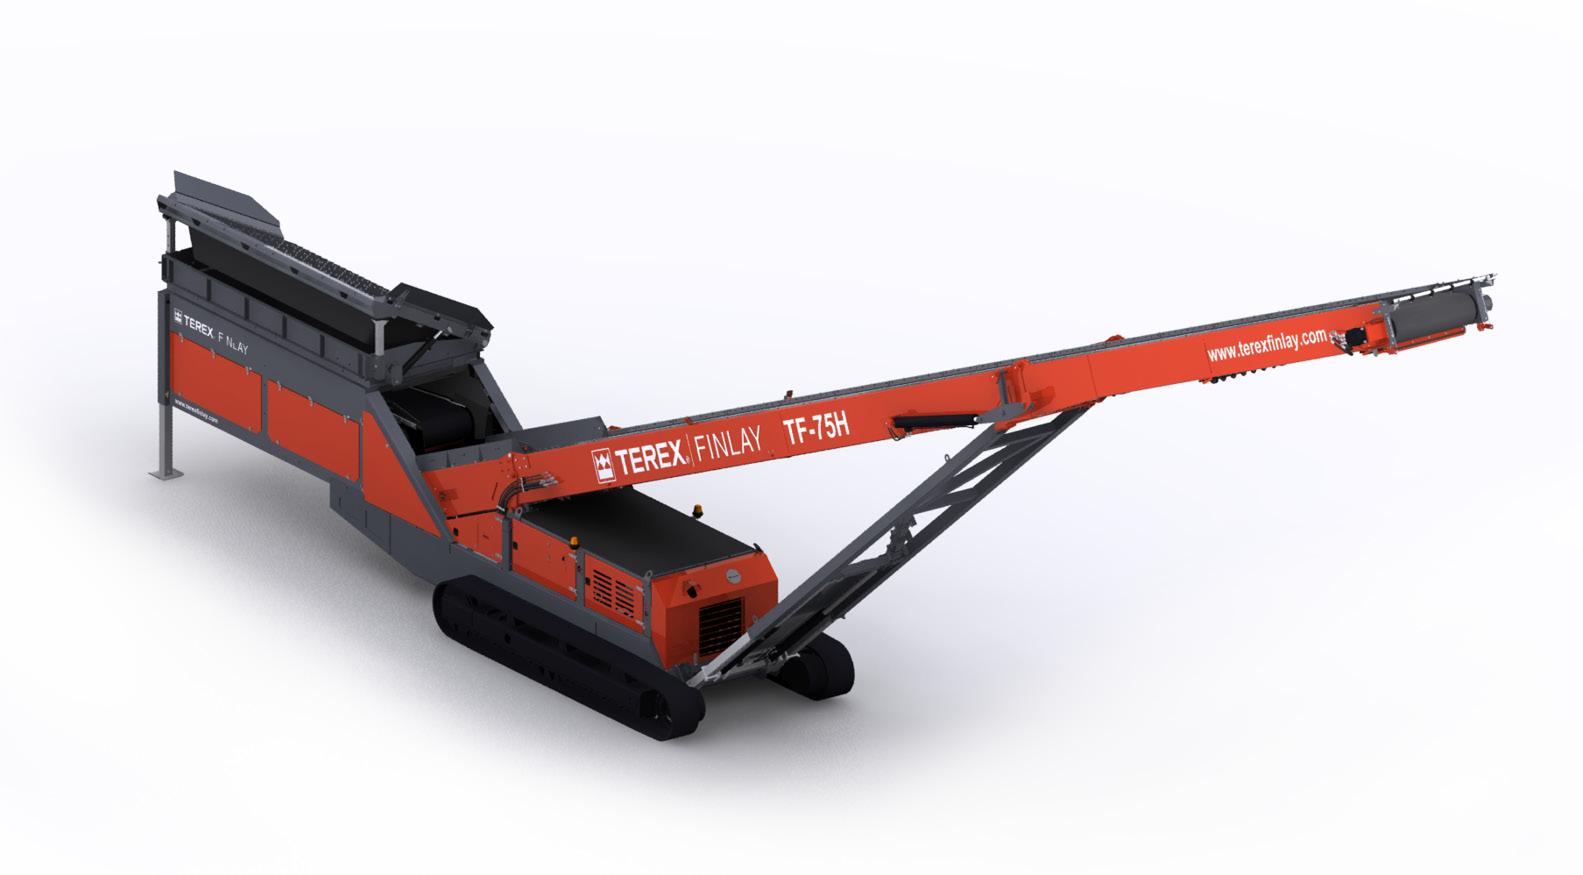 TF-75H